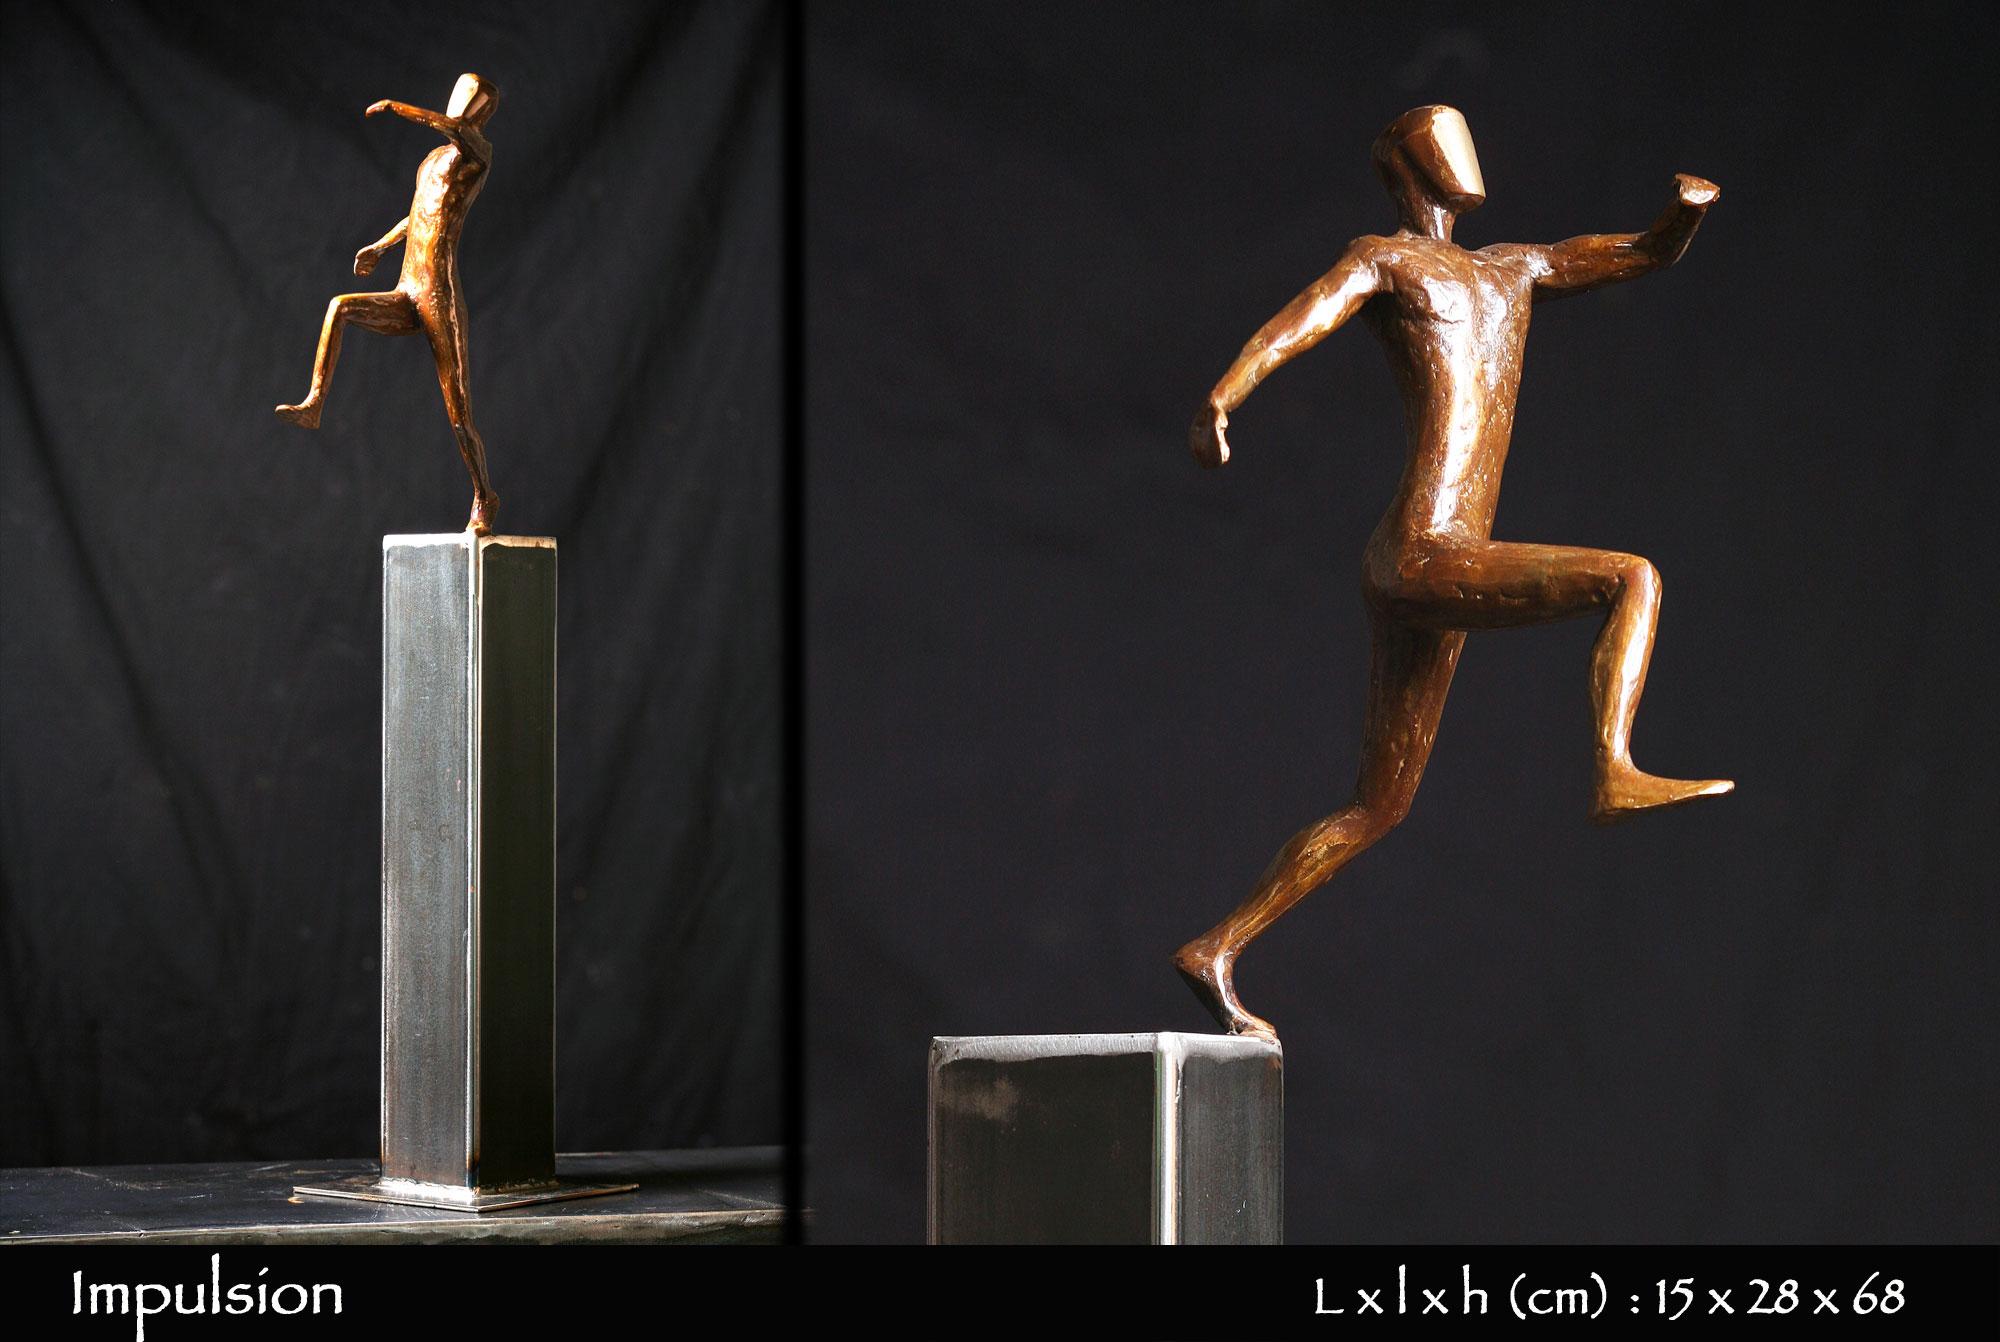 Homme en bronze sautant d'un pylône en fer